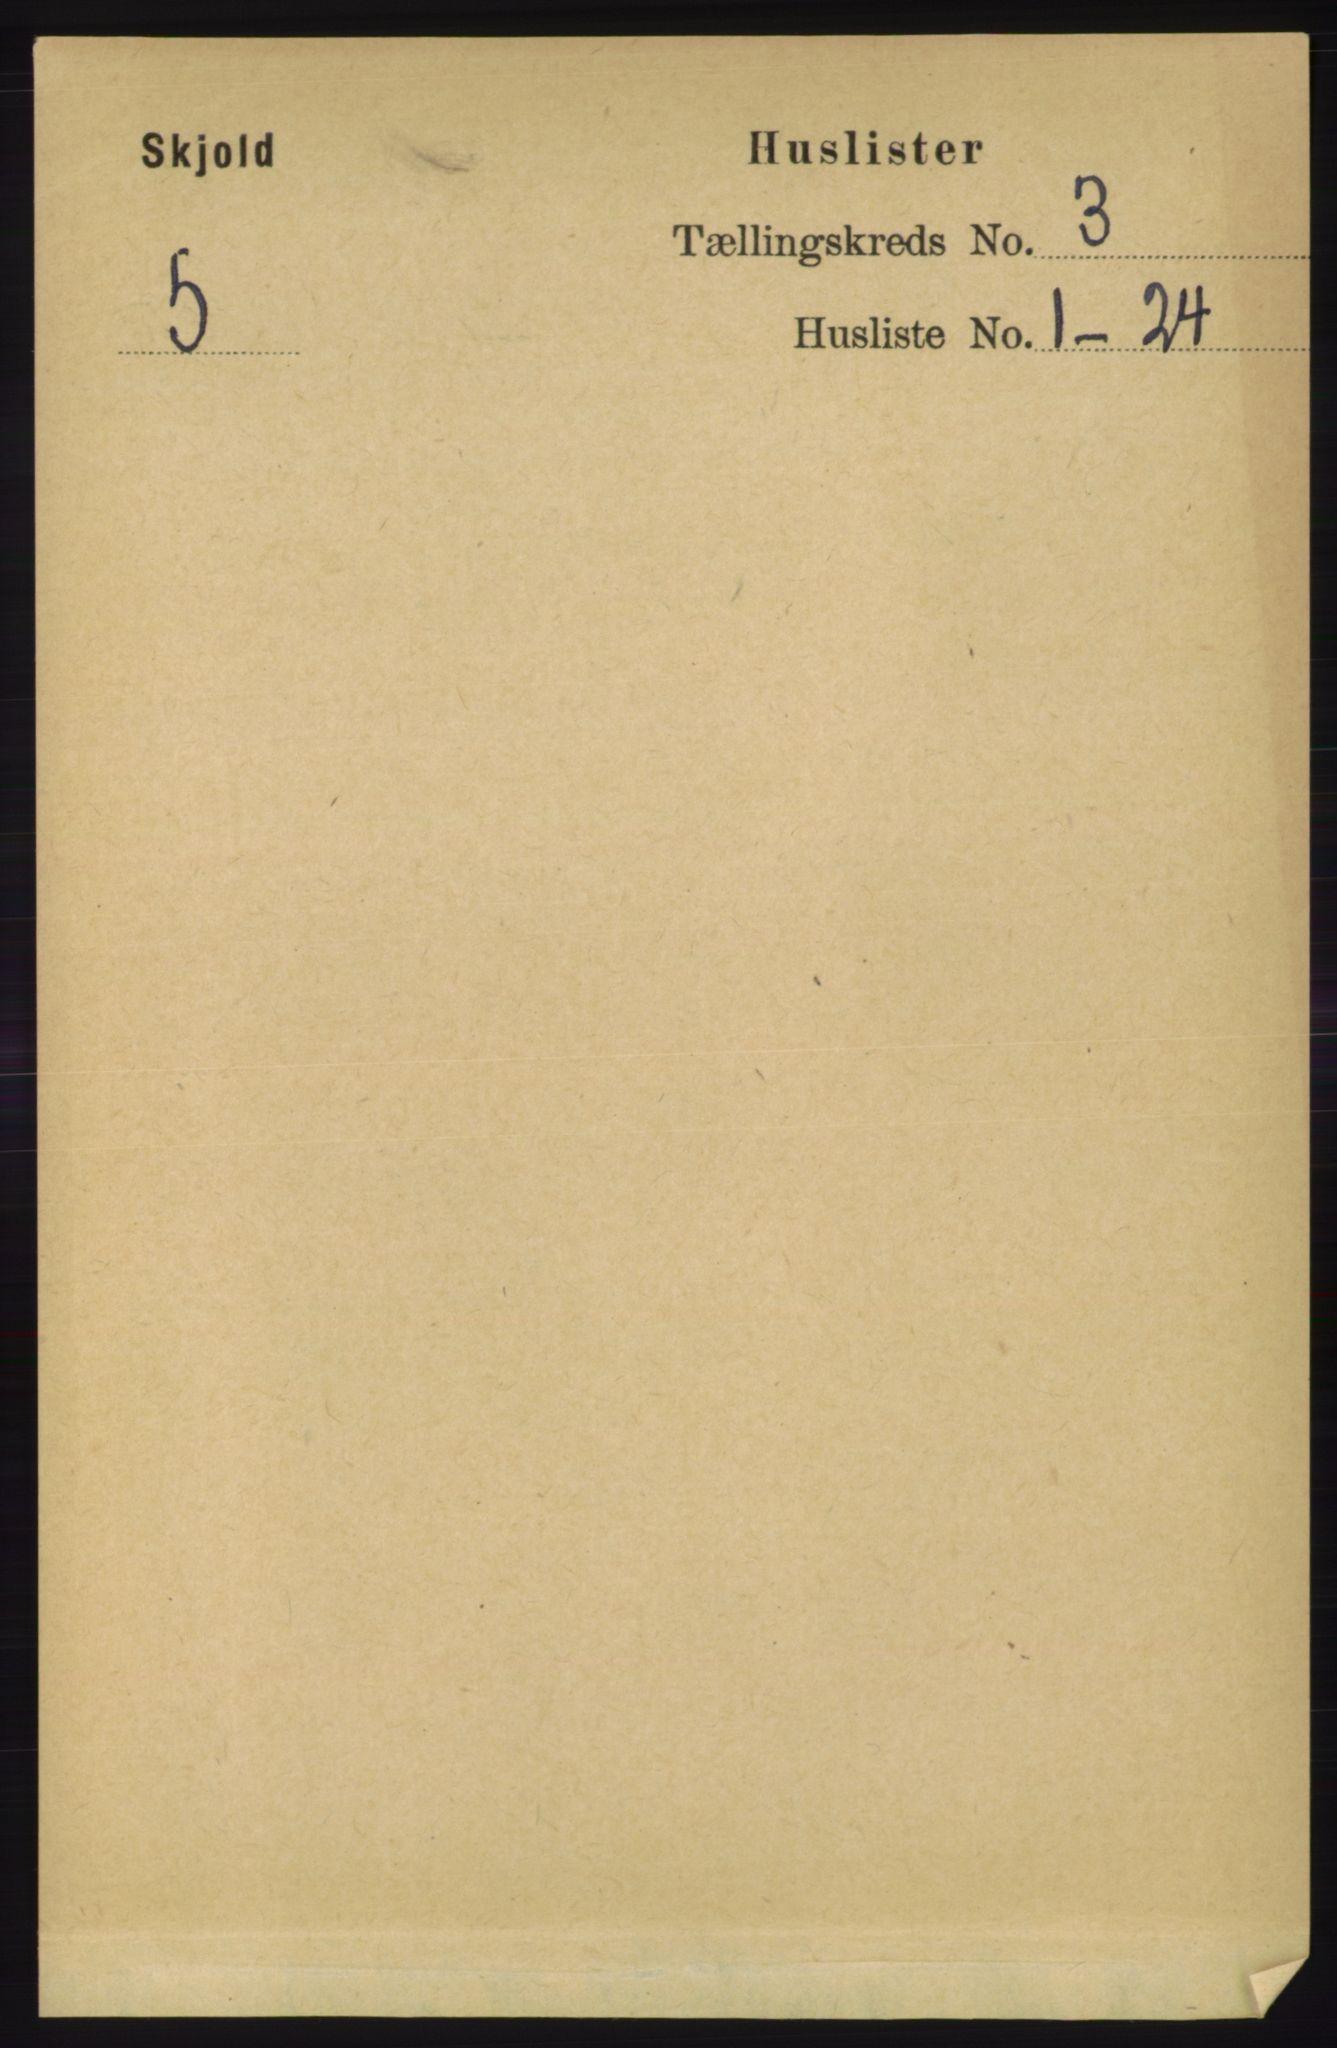 RA, Folketelling 1891 for 1154 Skjold herred, 1891, s. 358